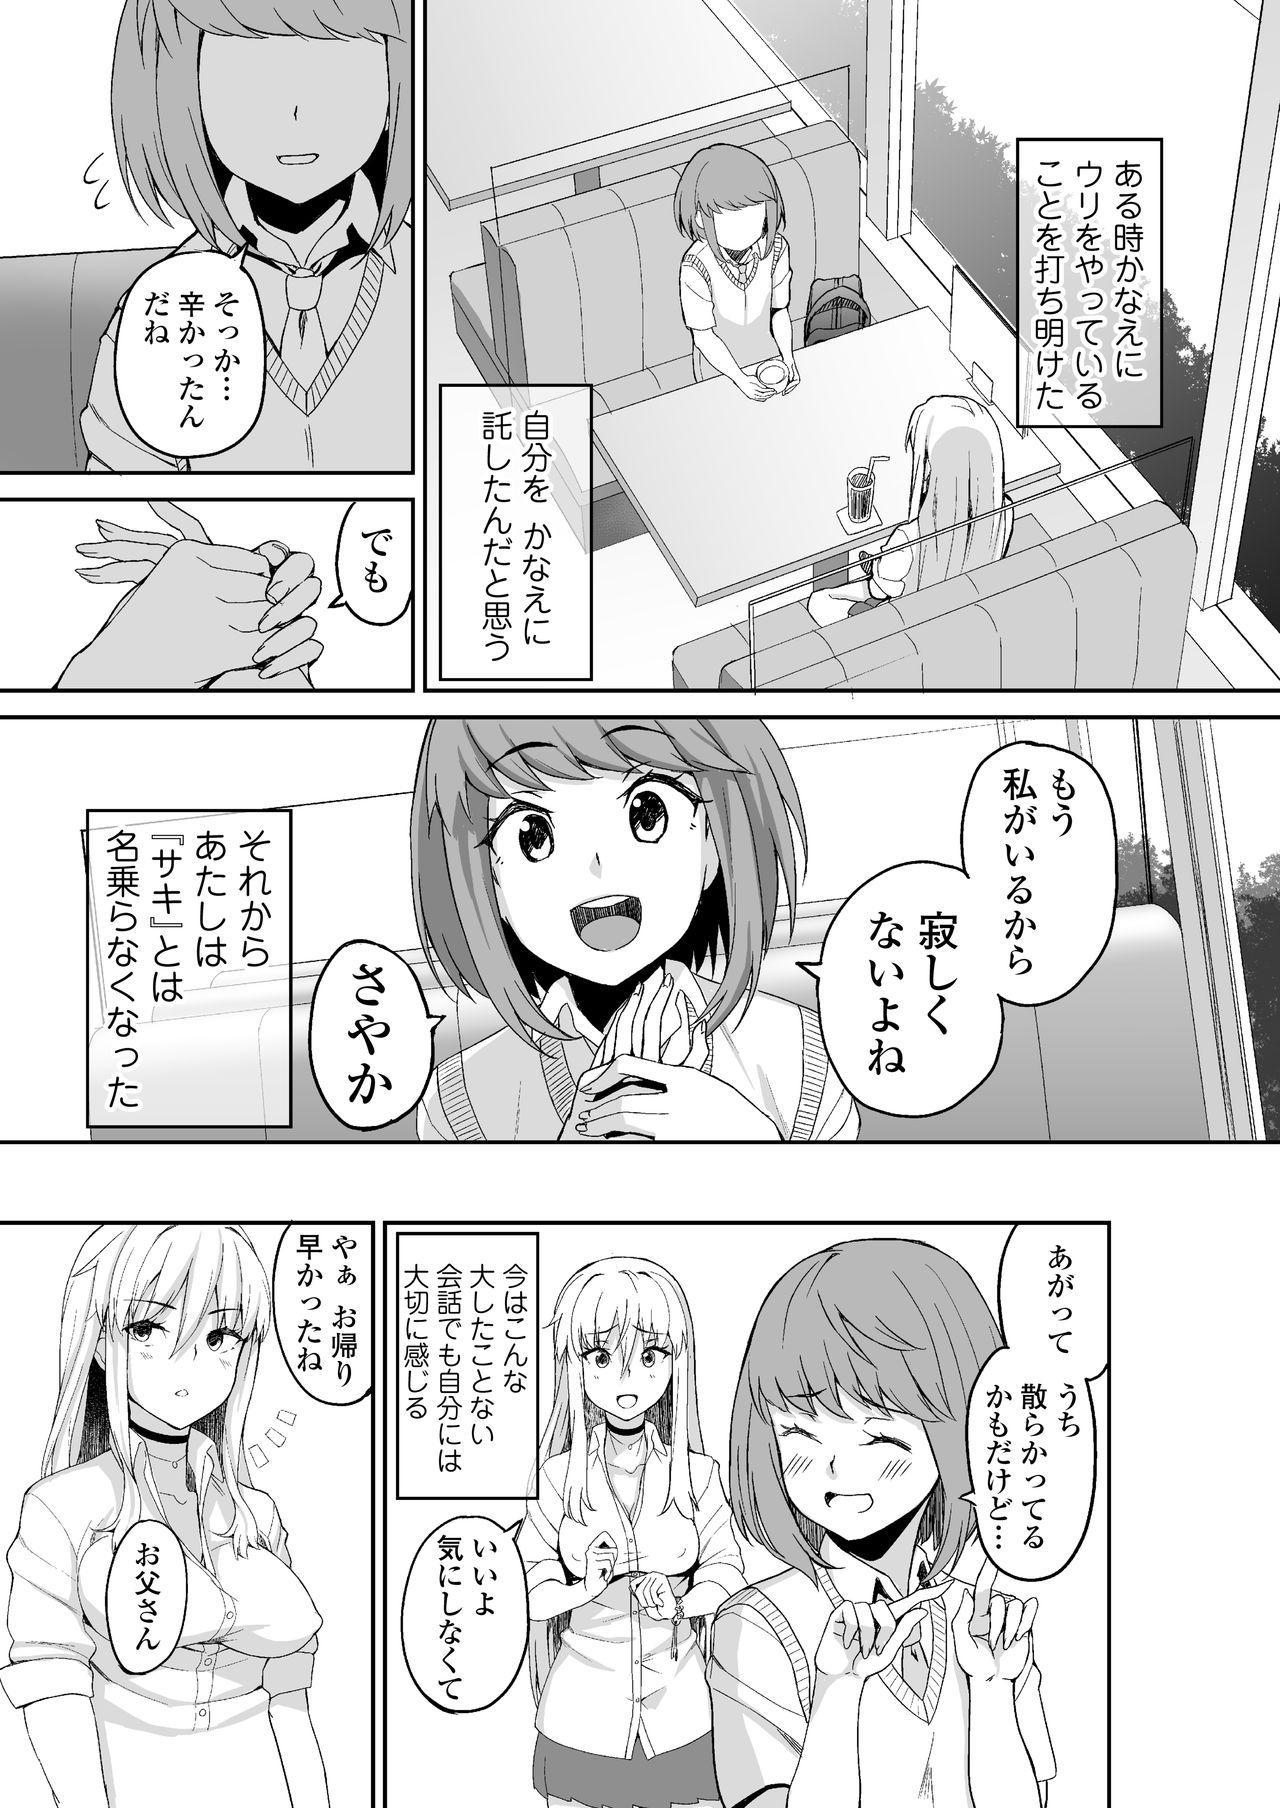 COMIC AOHA 2021 Natsu 174